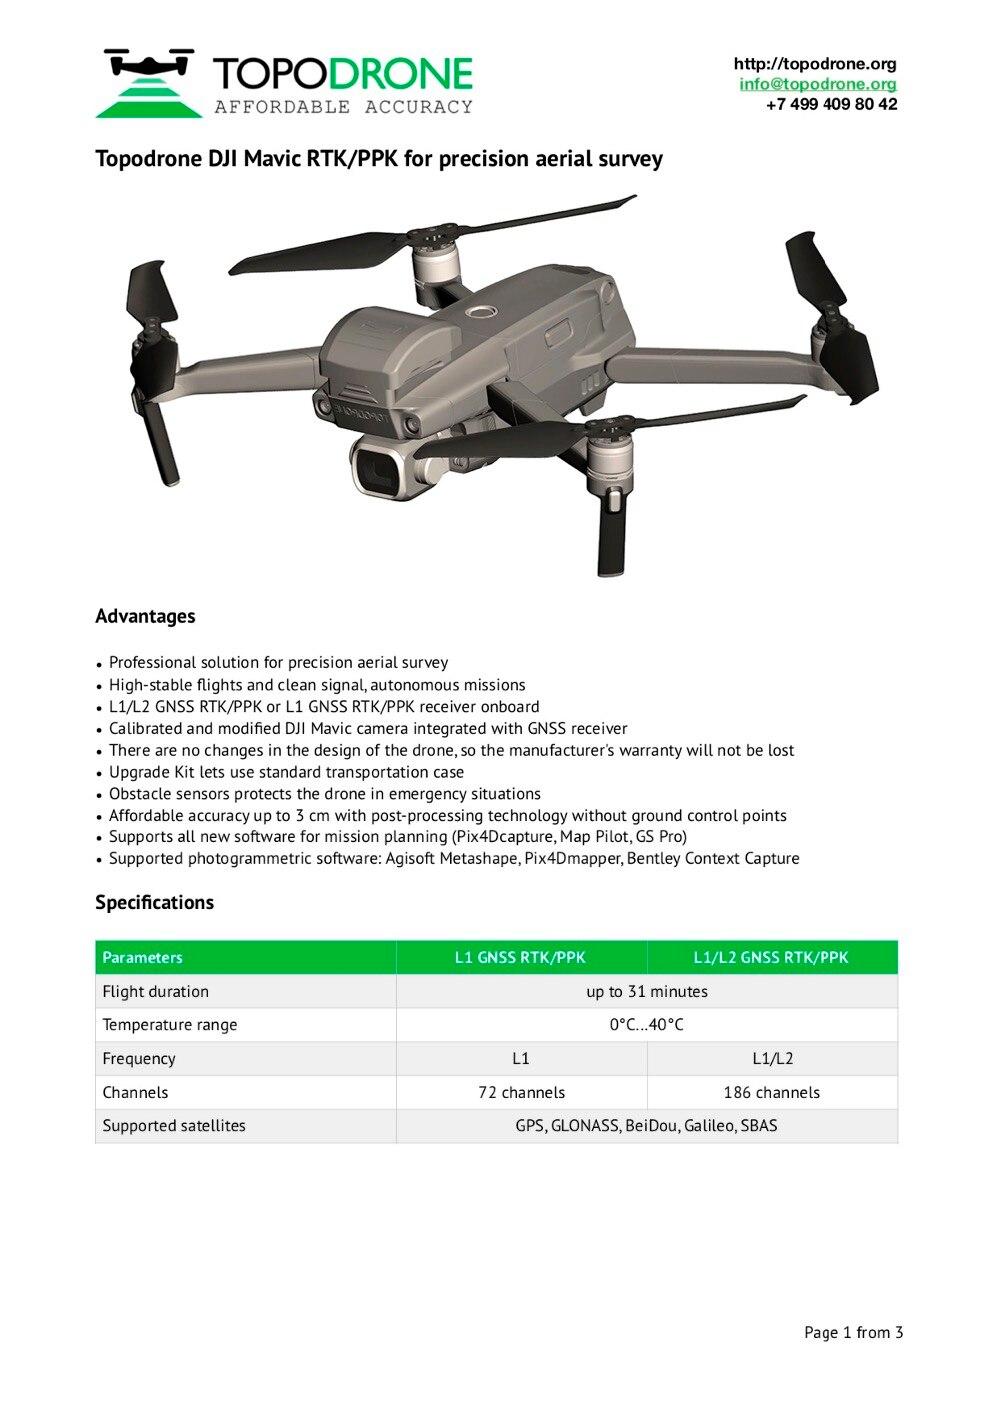 Hot Sale] Topodrone DJI Mavic RTK/PPK for precision aerial survey